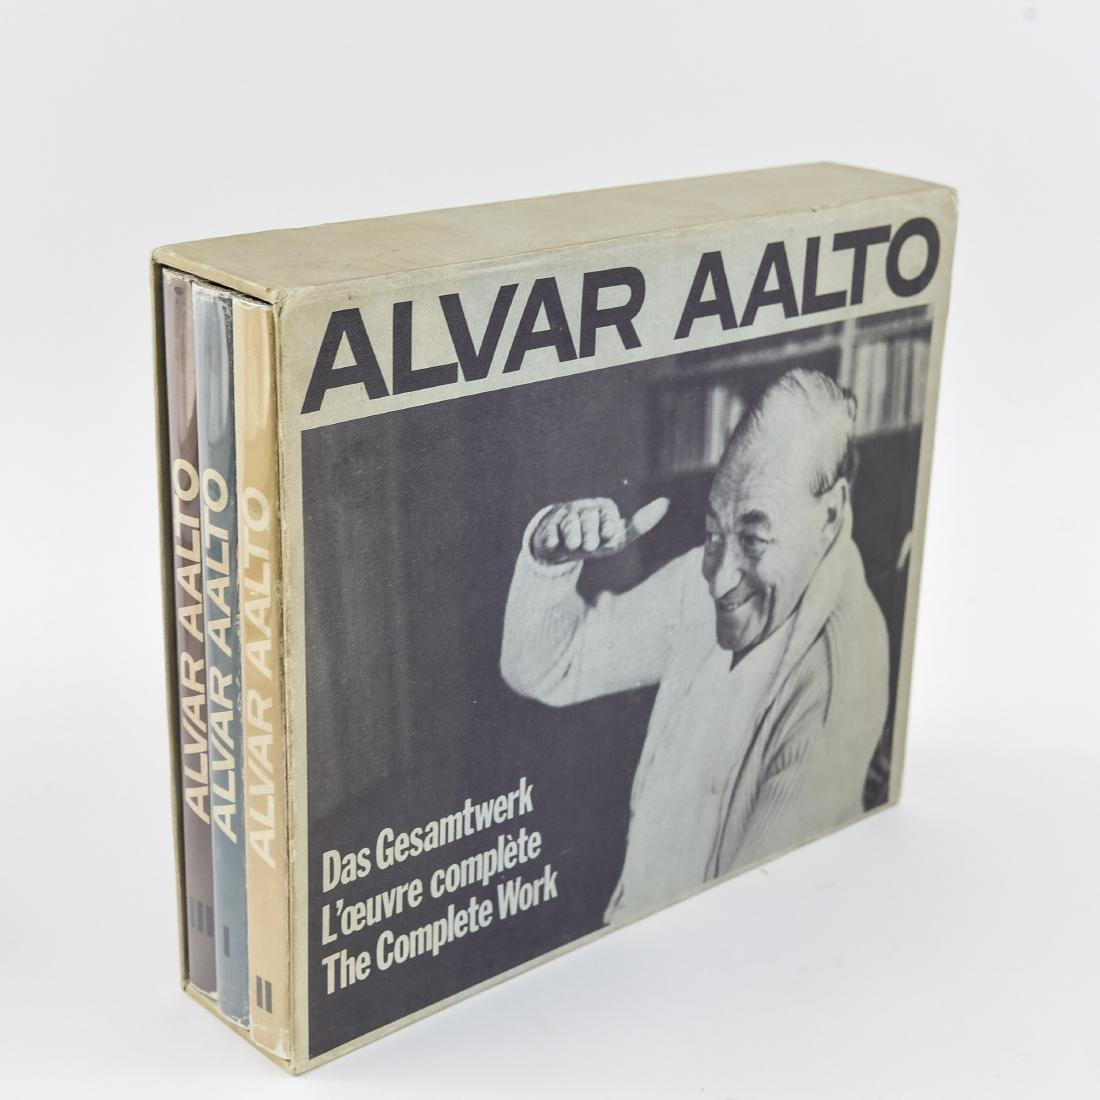 ALVAR AALTO: THE COMPLETE WORK BOOK